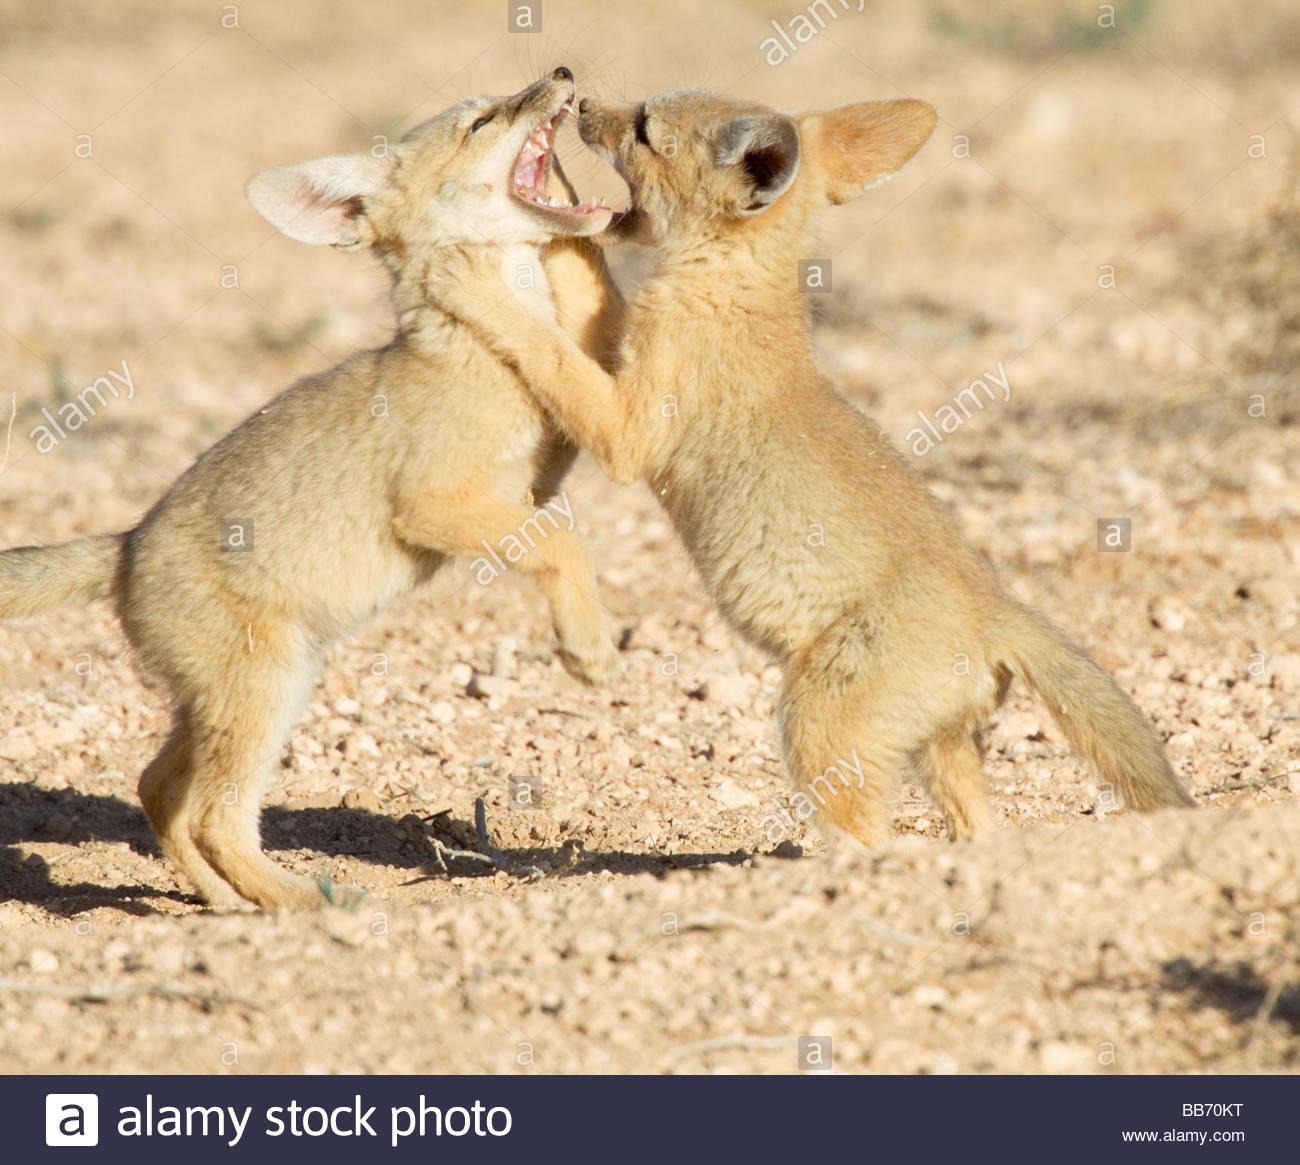 kit-foxes-vulpes-macrotis-pups-playing-r